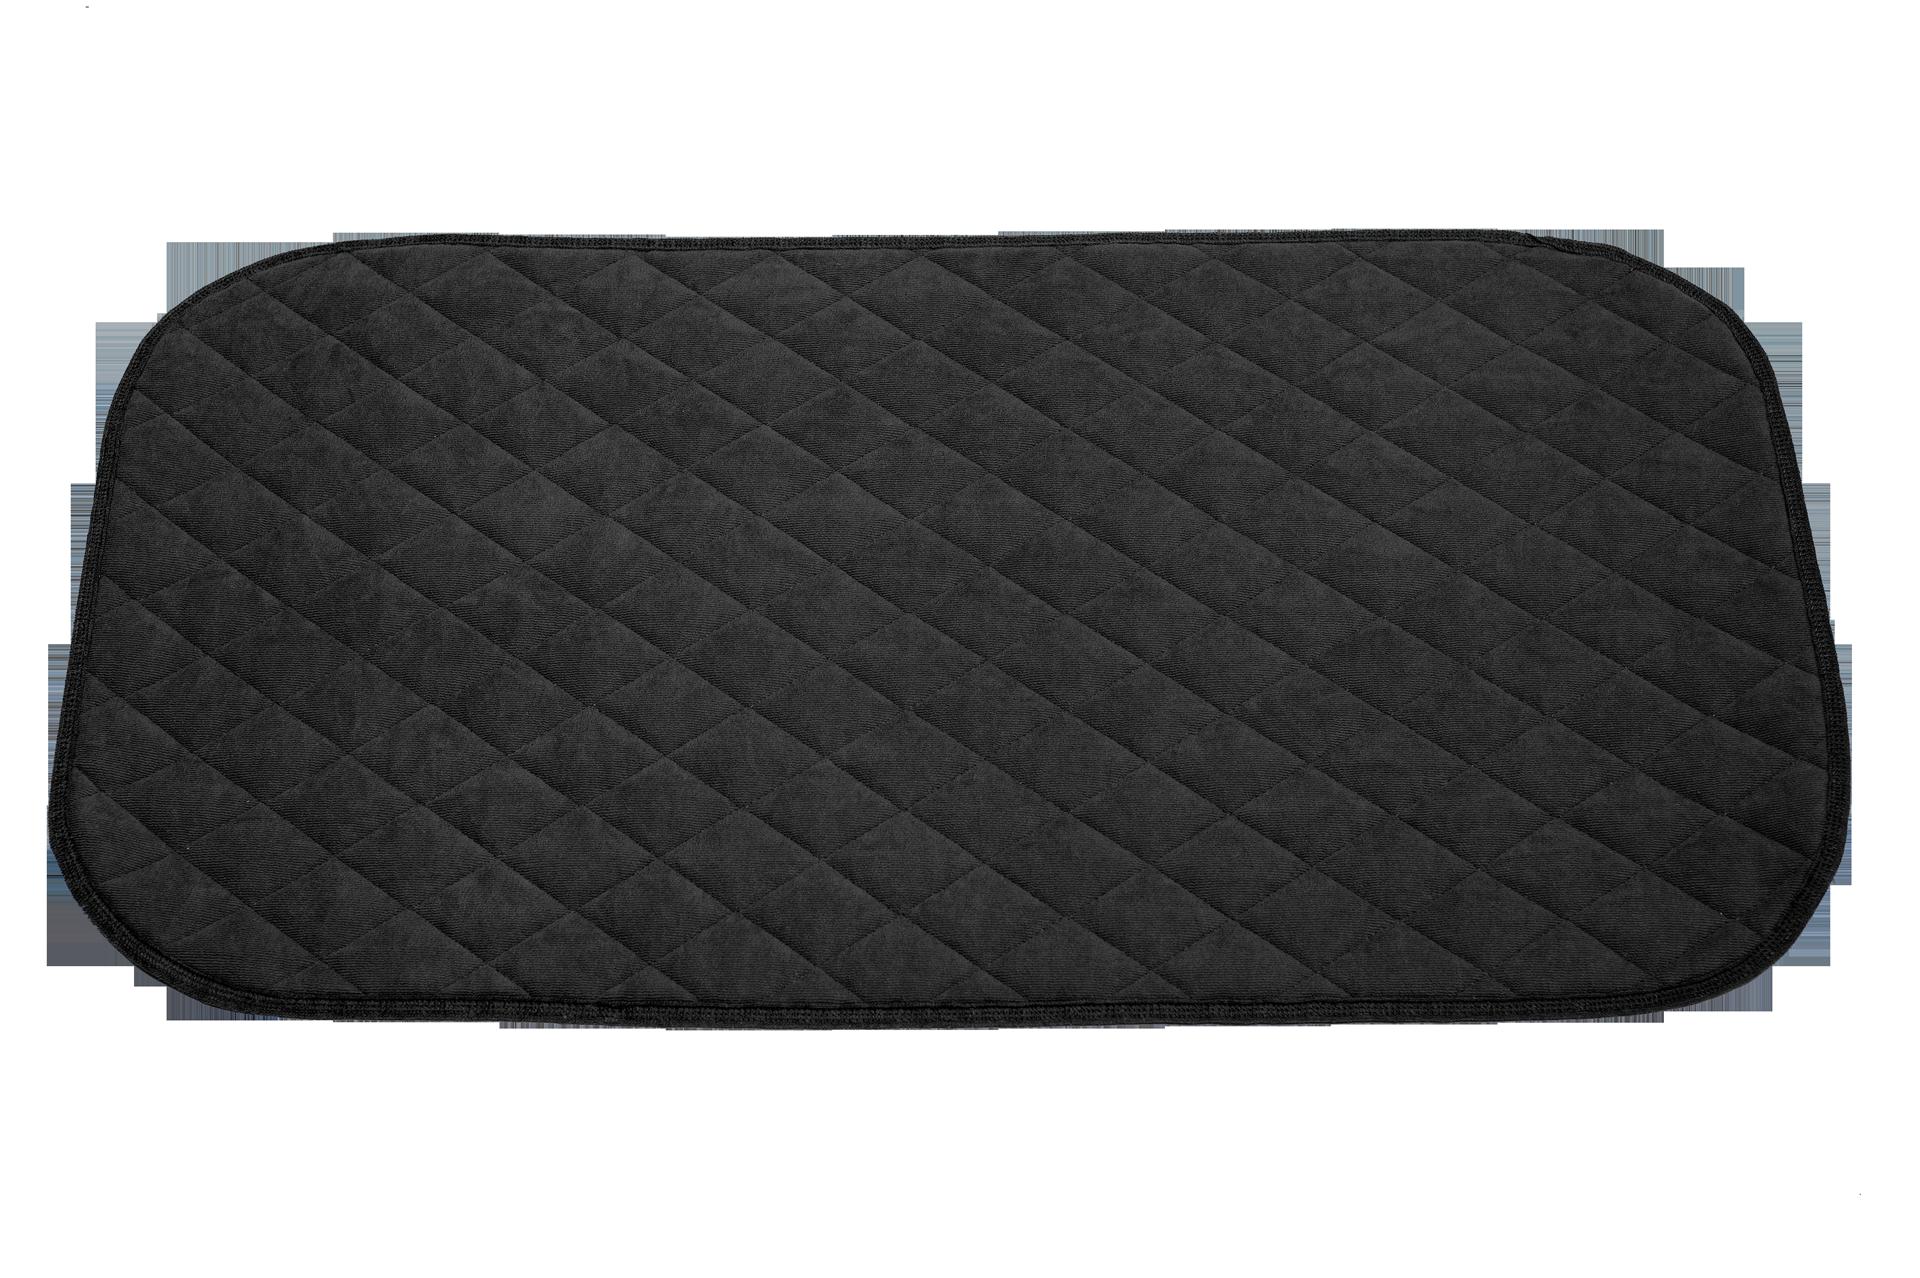 sitzauflage xl mit noppen sitzauflagen suprima. Black Bedroom Furniture Sets. Home Design Ideas